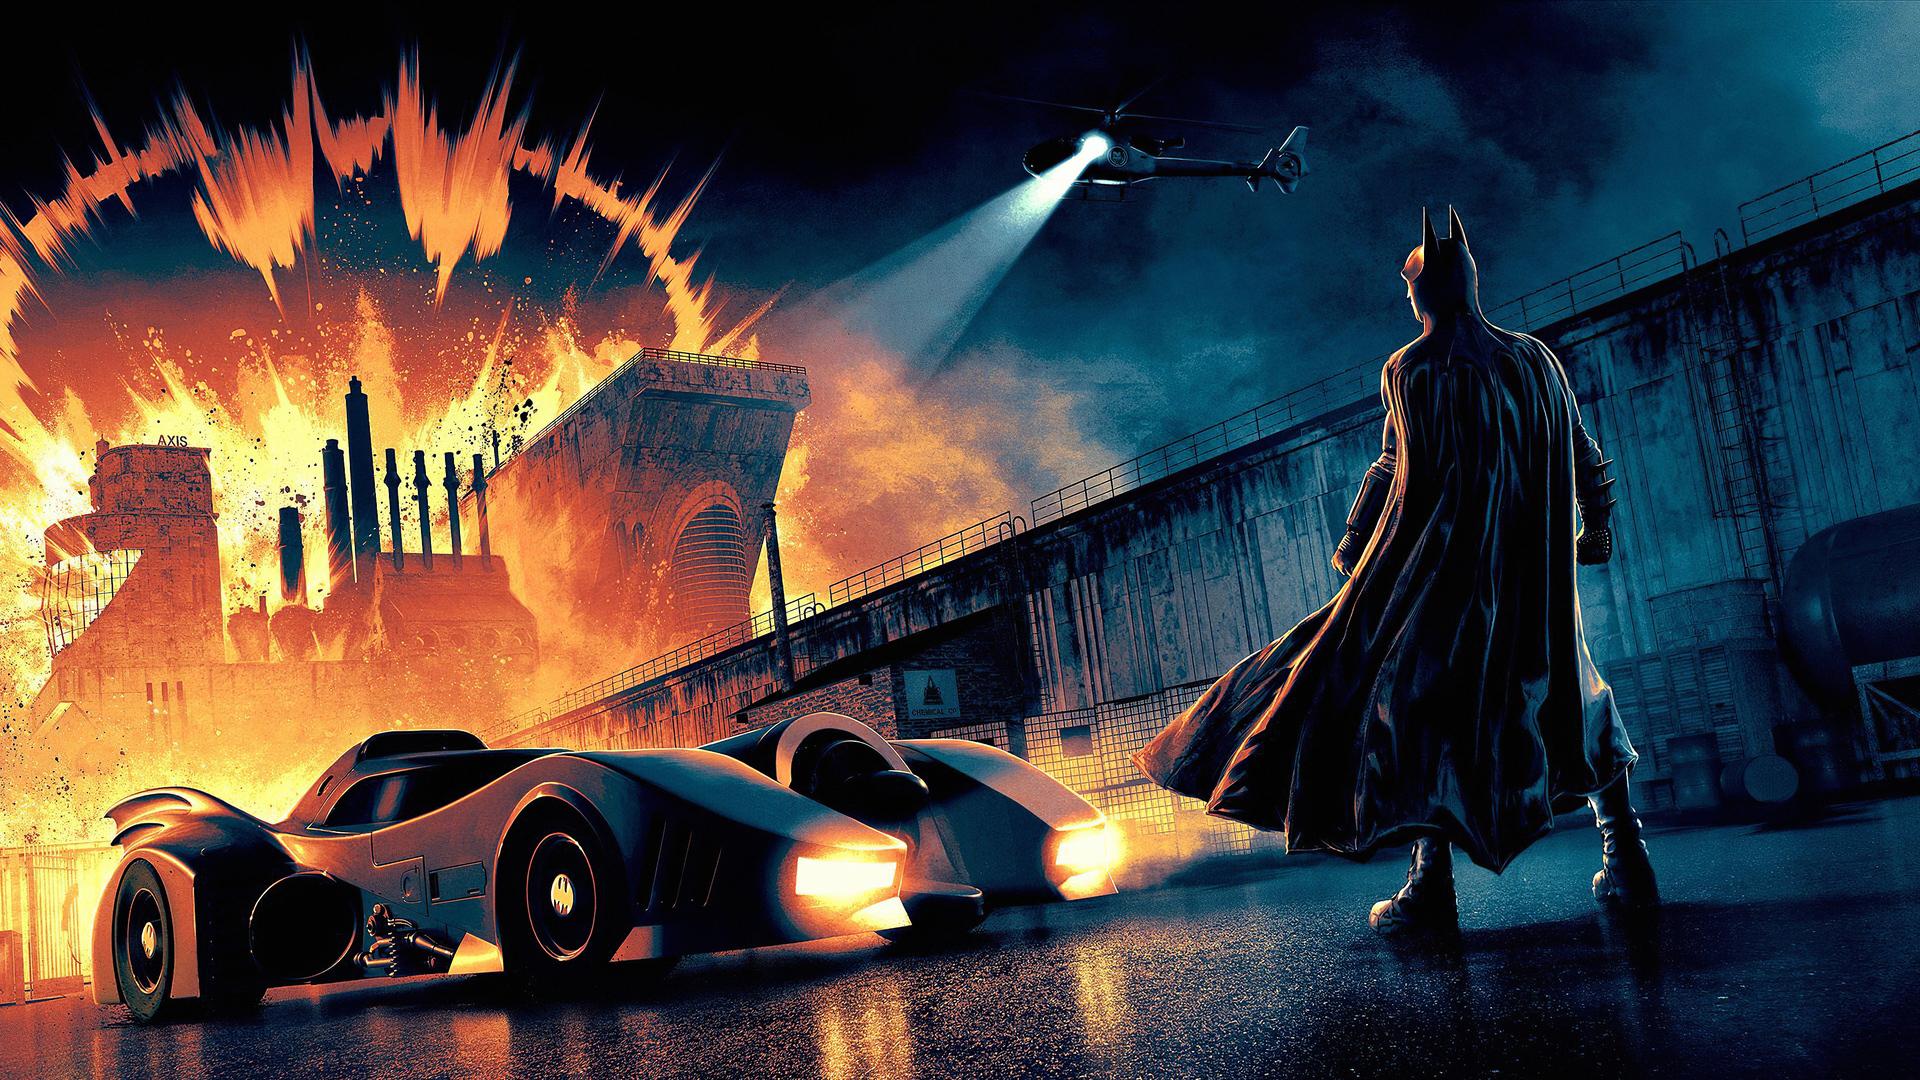 1920x1080 Batman 4k Batmobile Laptop Full HD 1080P HD 4k ...